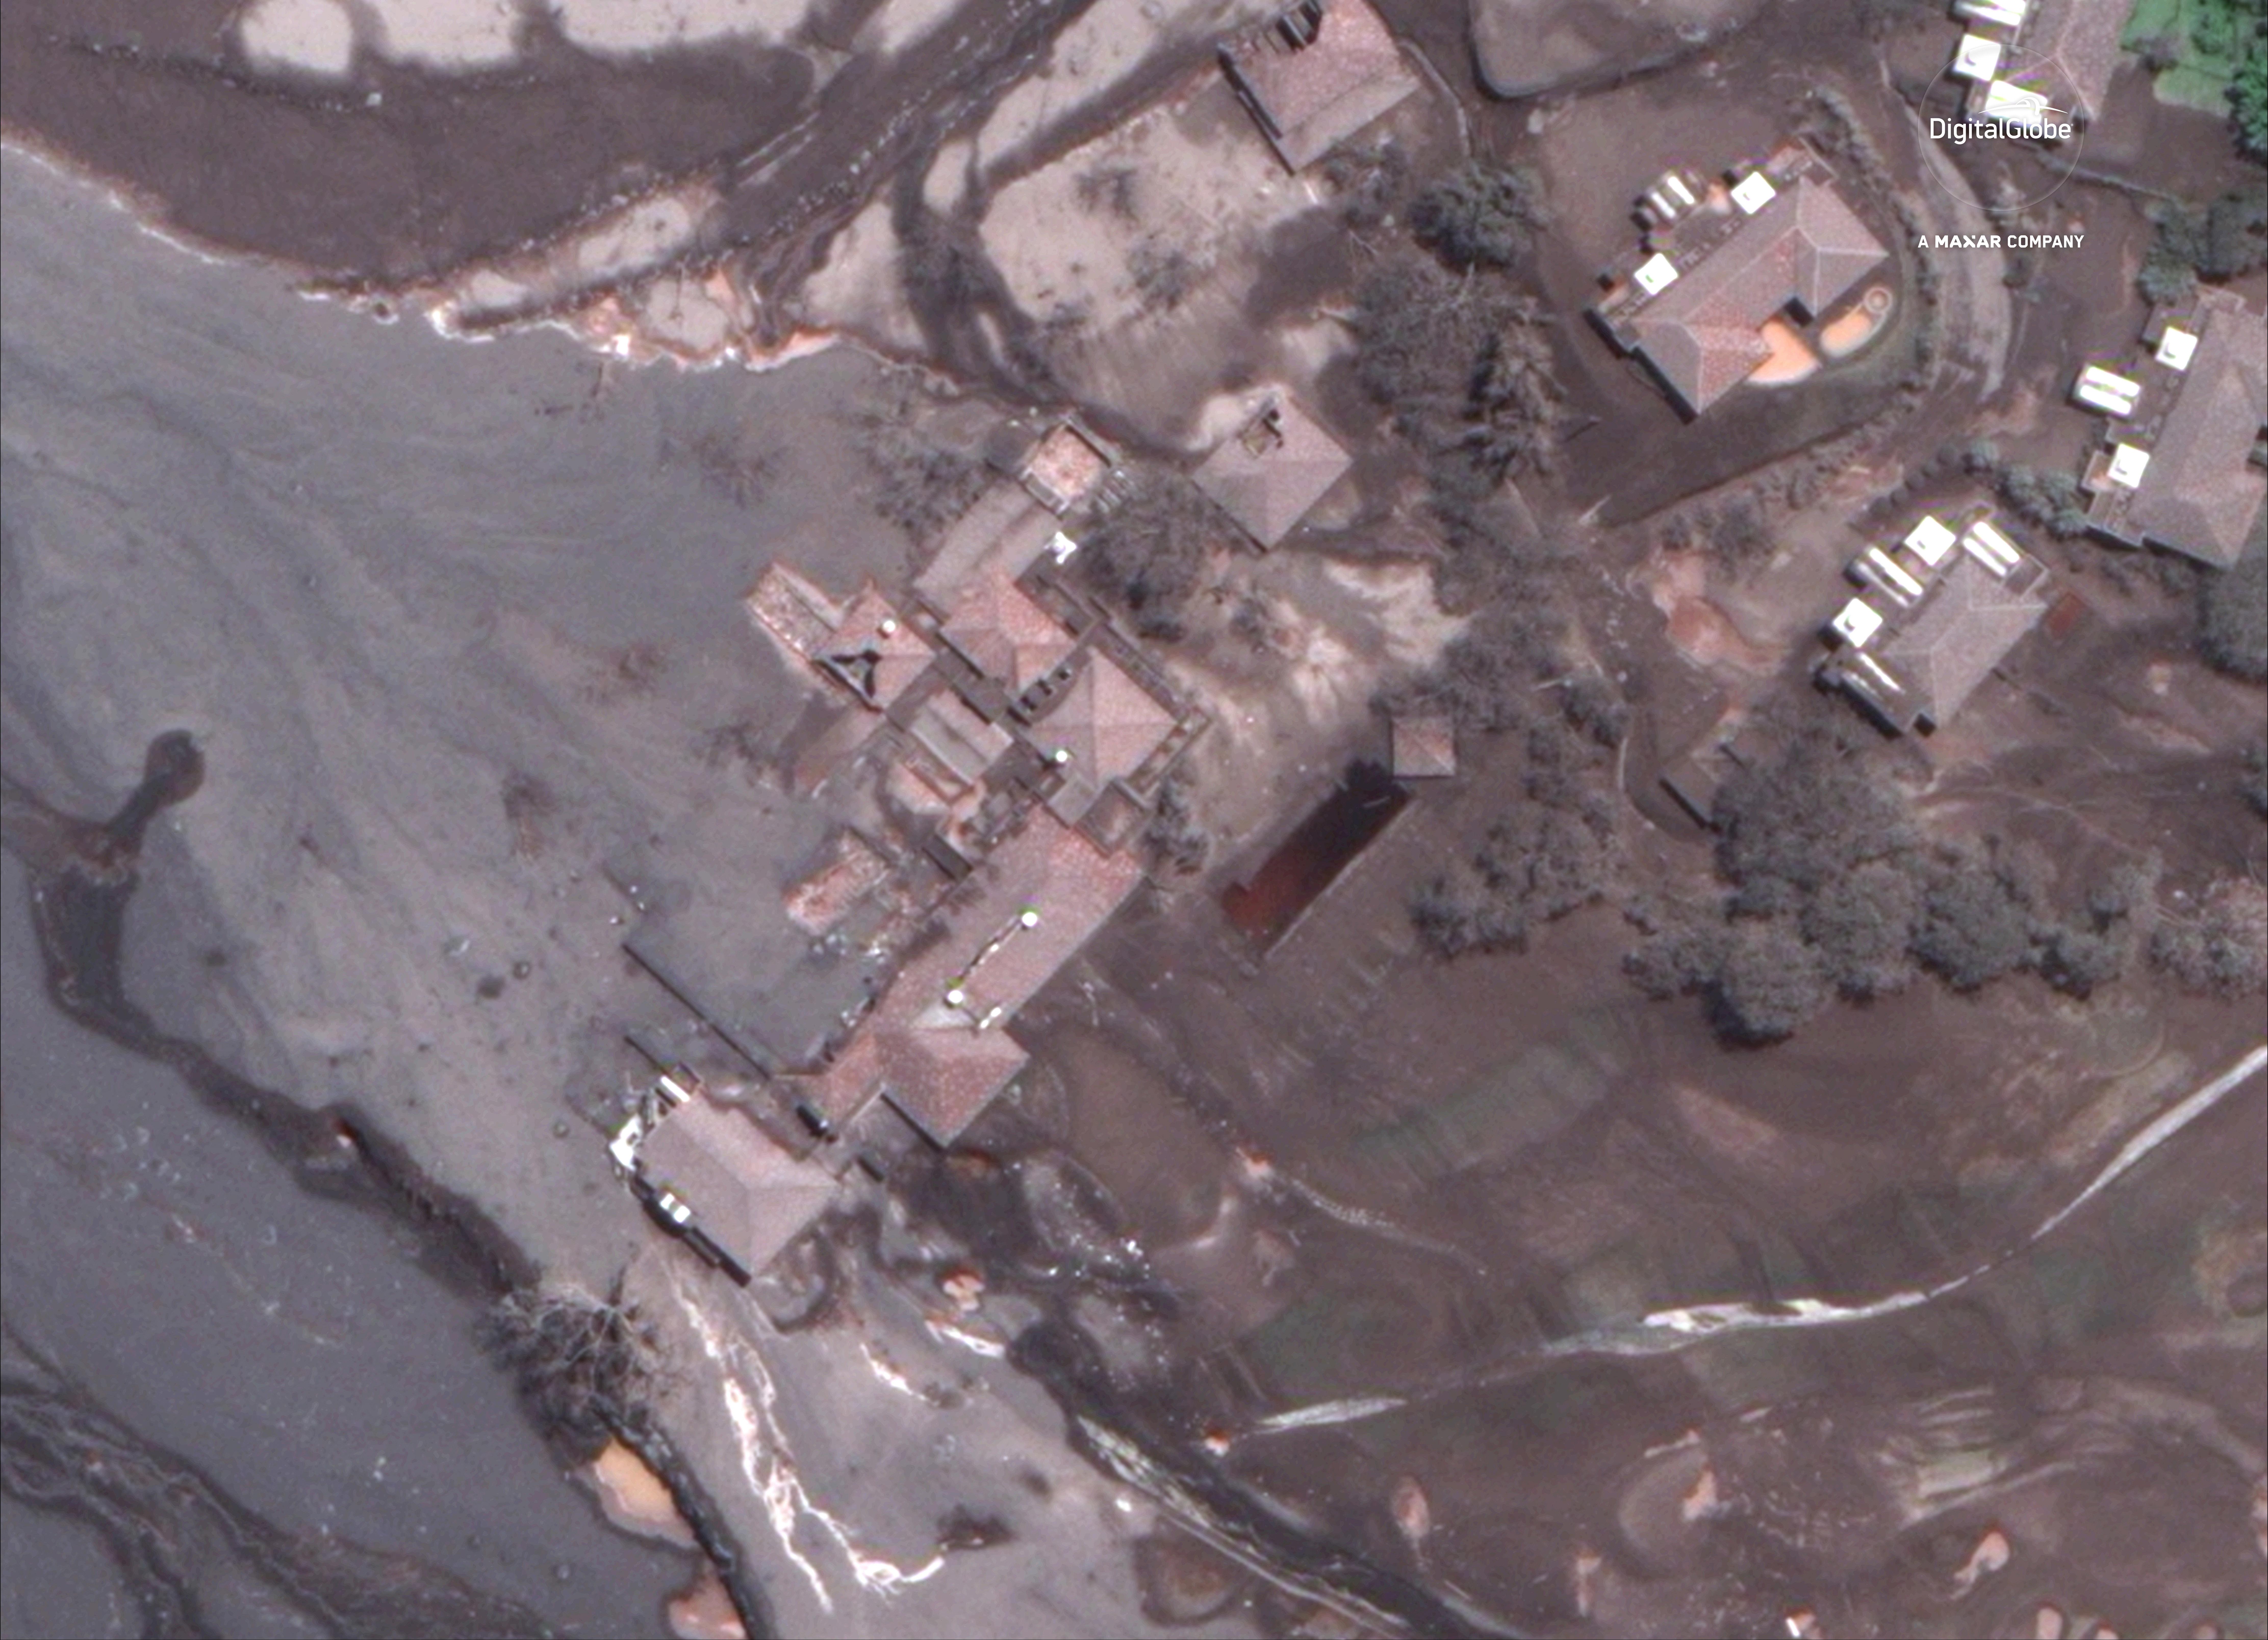 Műholdképek mutatják a pusztítást, amit a vulkánkitörés végzett Guatemalában